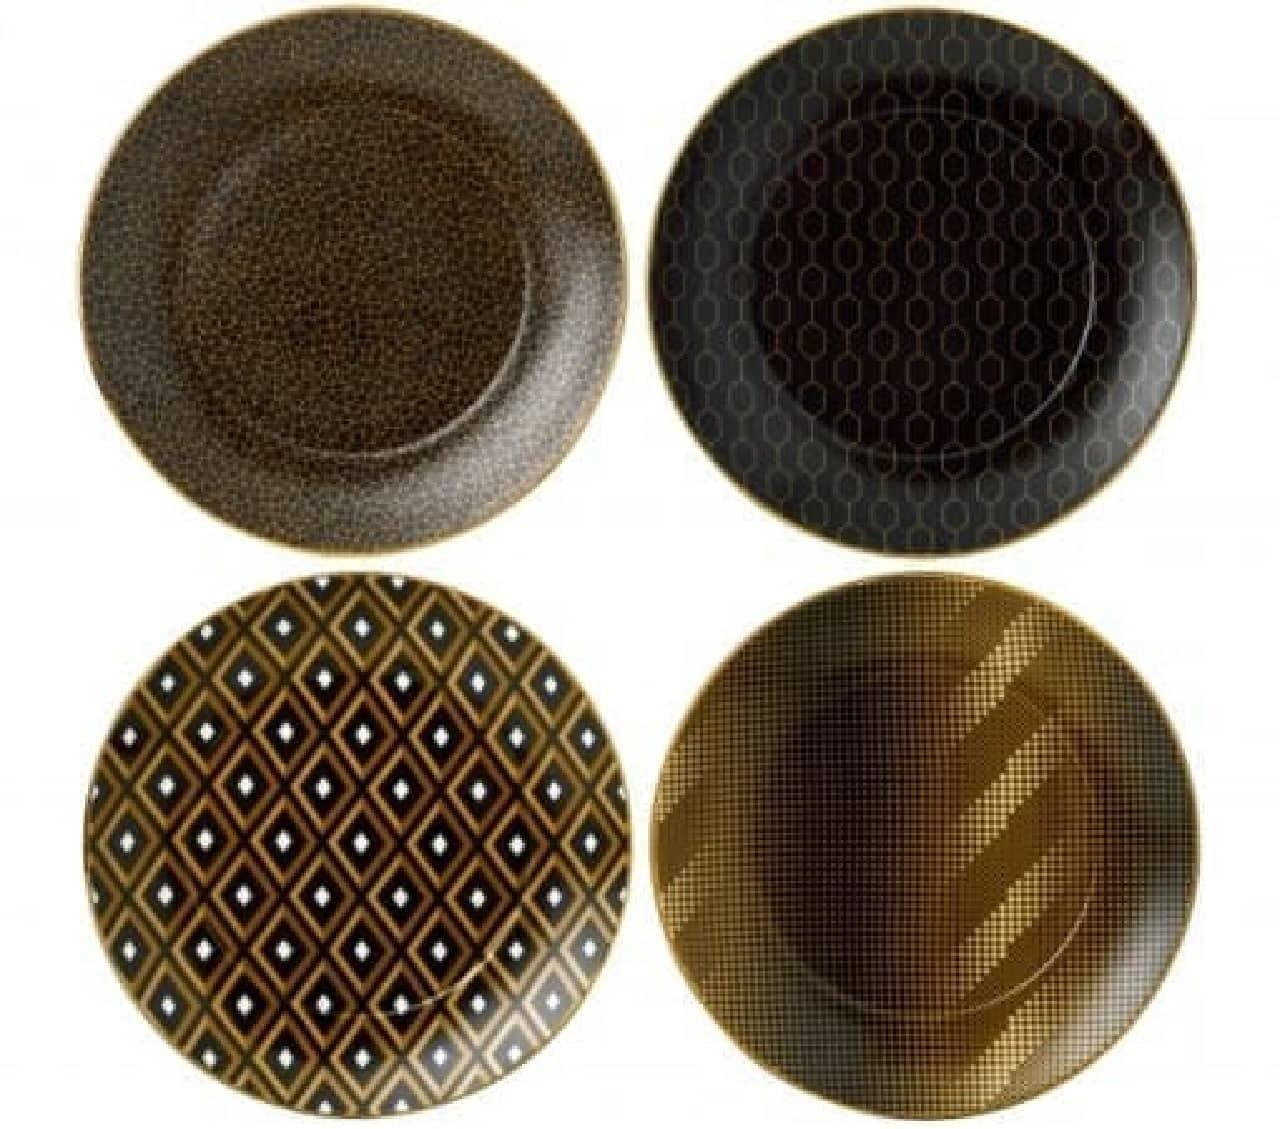 異なるパターンを組み合わせてもオシャレ  プレート(20cm)/5,000円